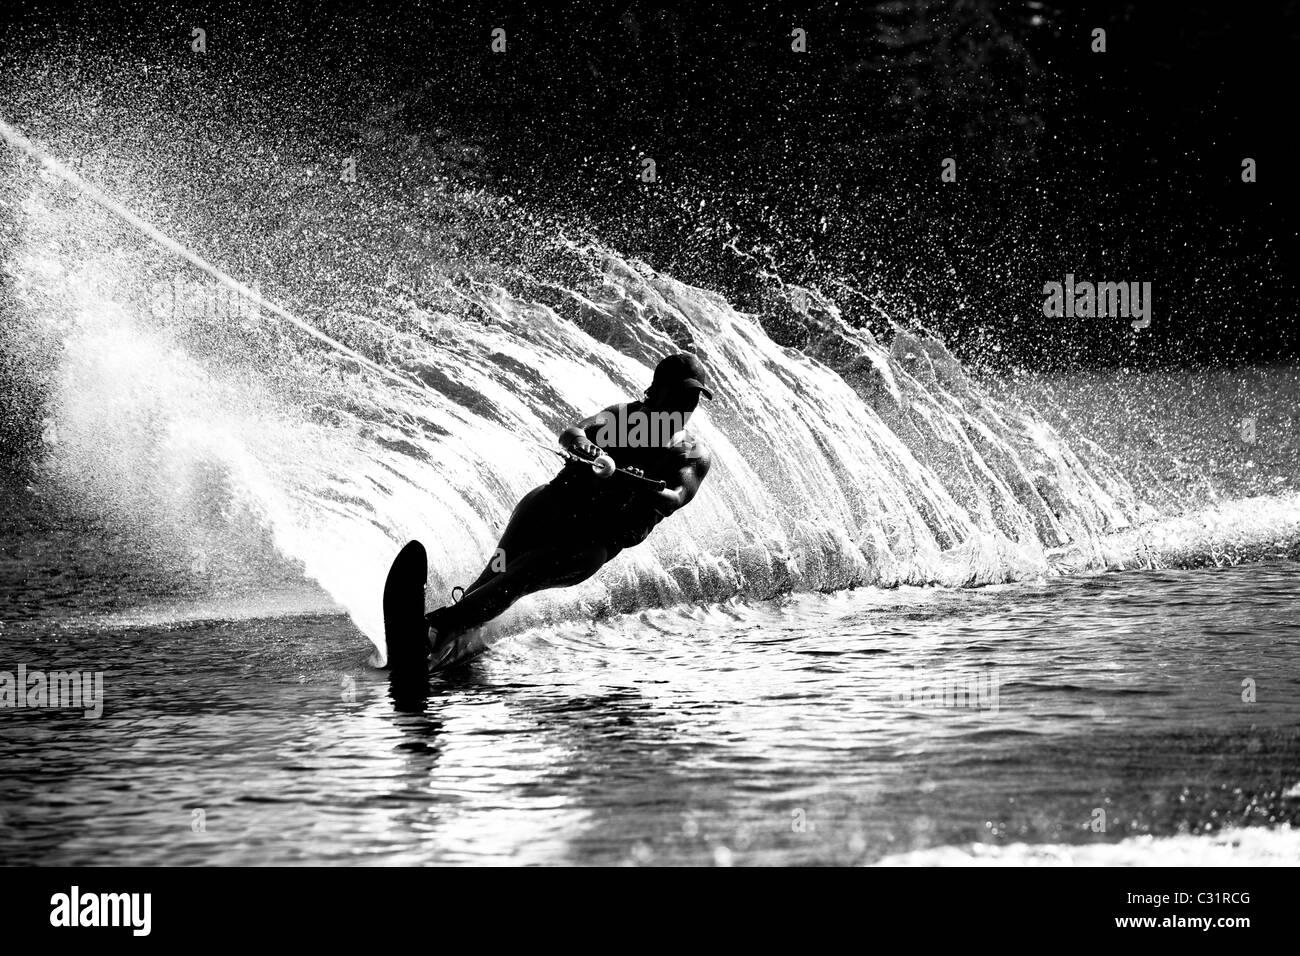 Un esquiador de agua hembra rips un giro causando un enorme chorro de agua mientras esquía sobre Cobbosseecontee Imagen De Stock